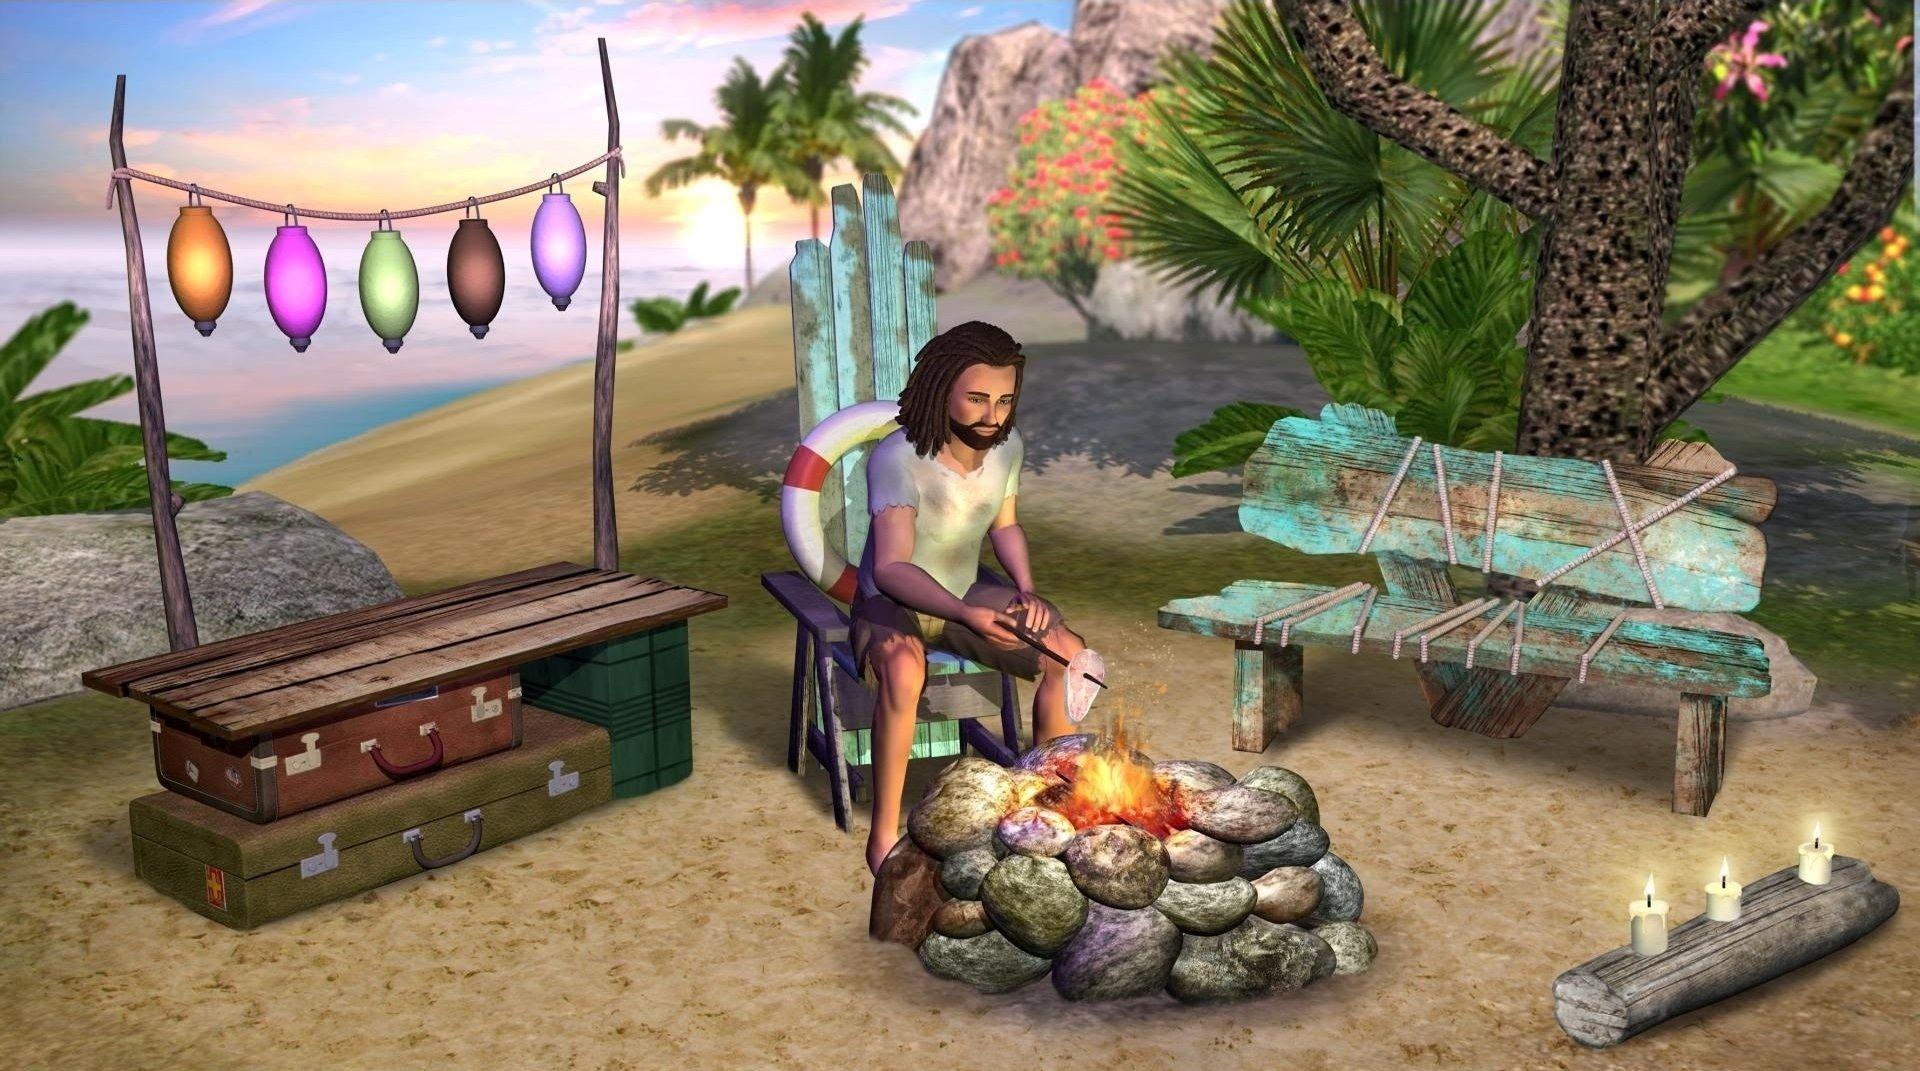 电子游戏 - The Sims 2  The Sims 岛屿 Sea 火 蜡烛 Boy 灯笼 长椅 棕榈 壁纸